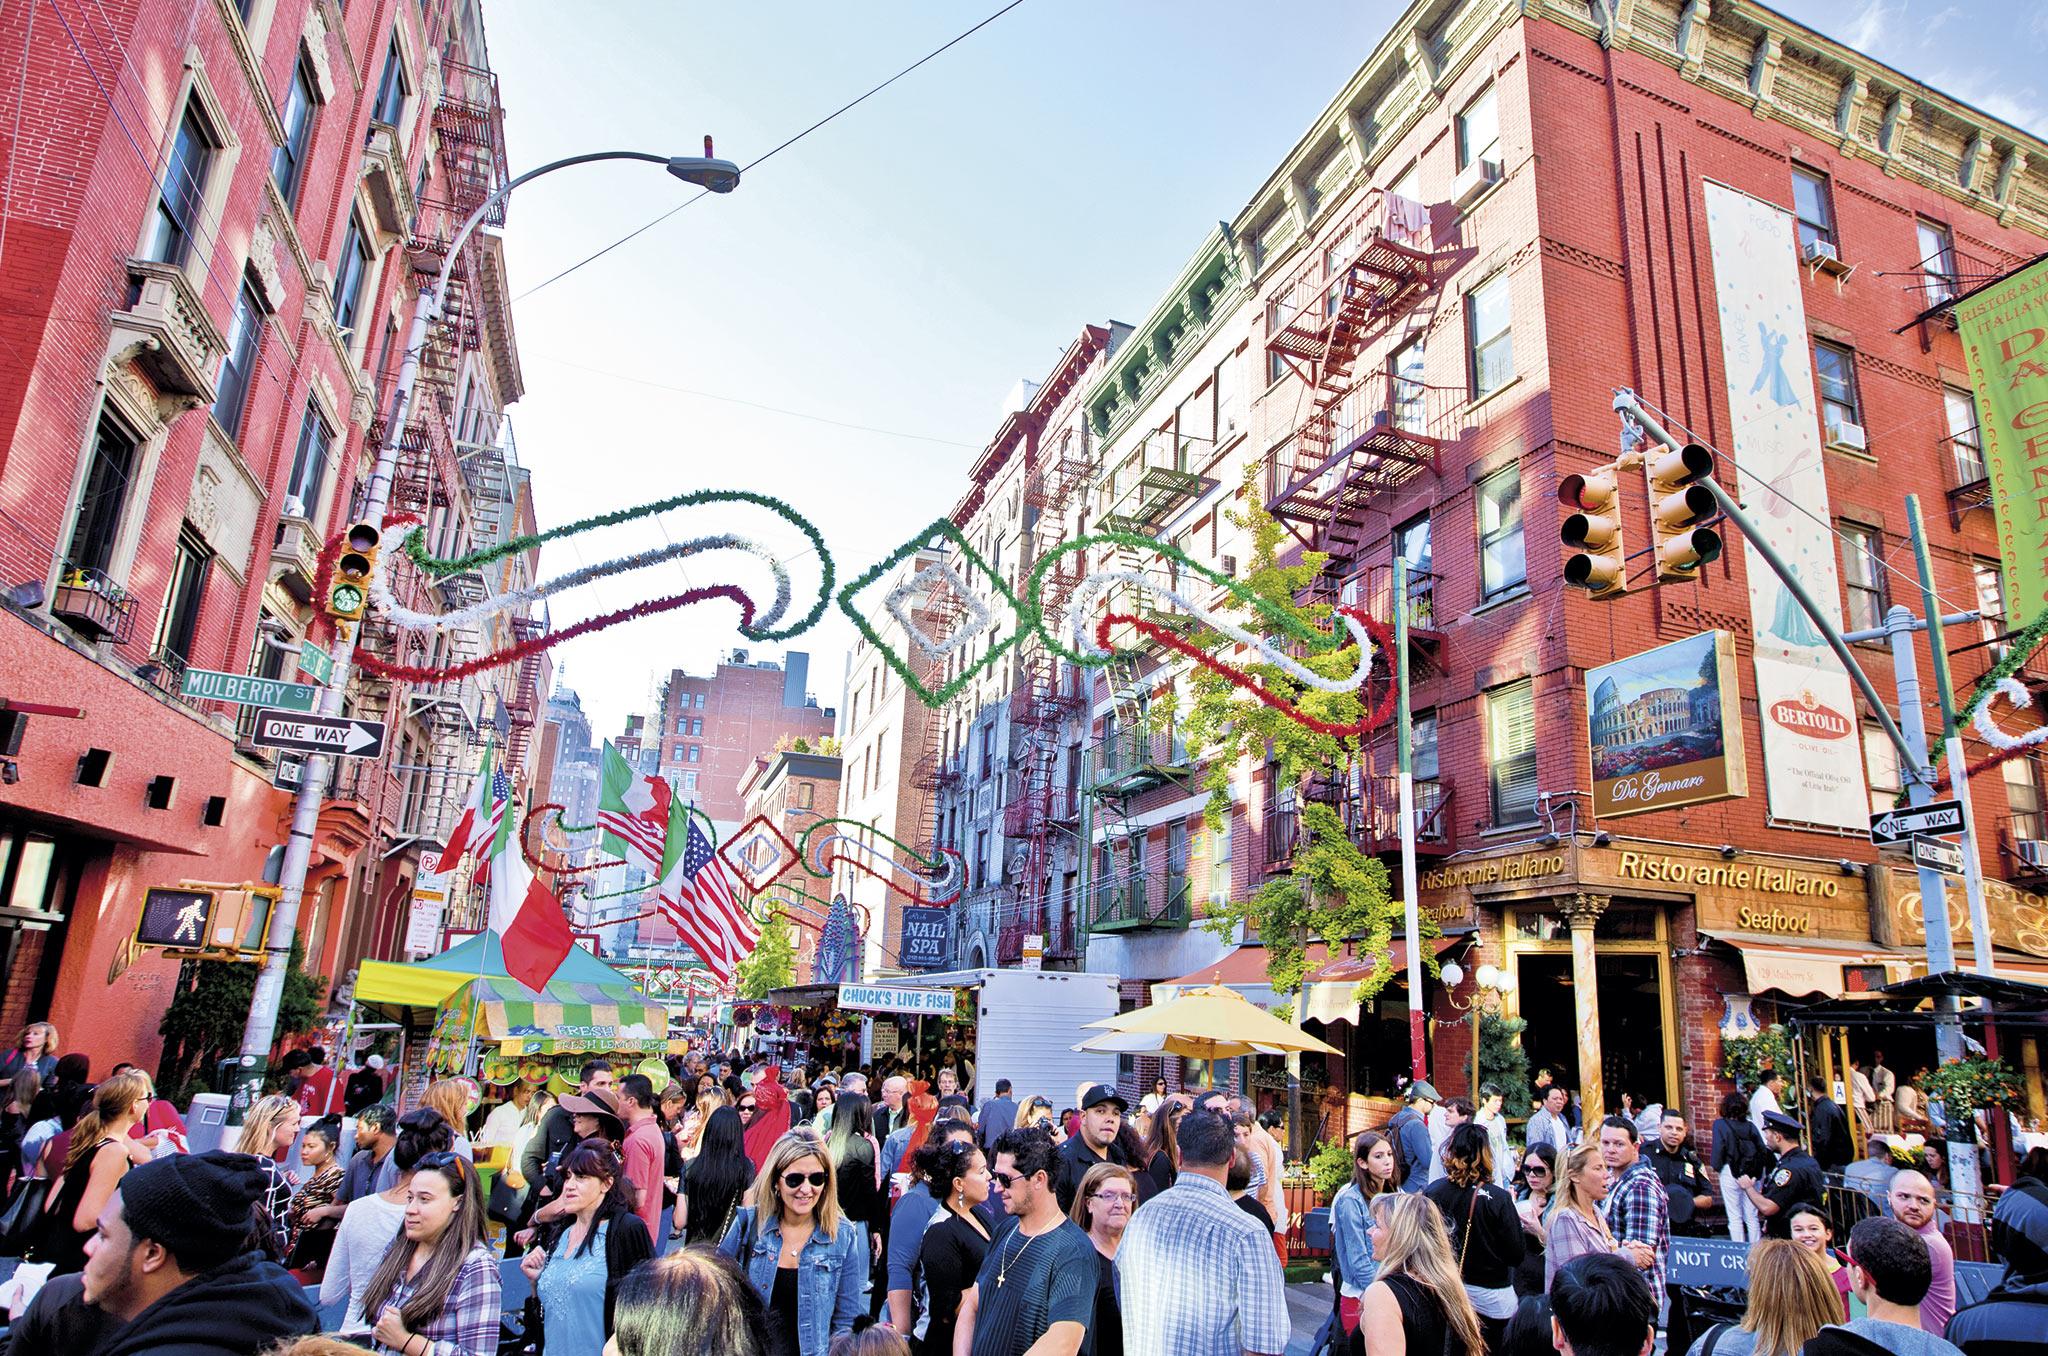 FESTIVAL DE SAN GENNARO EN NUEVA YORK